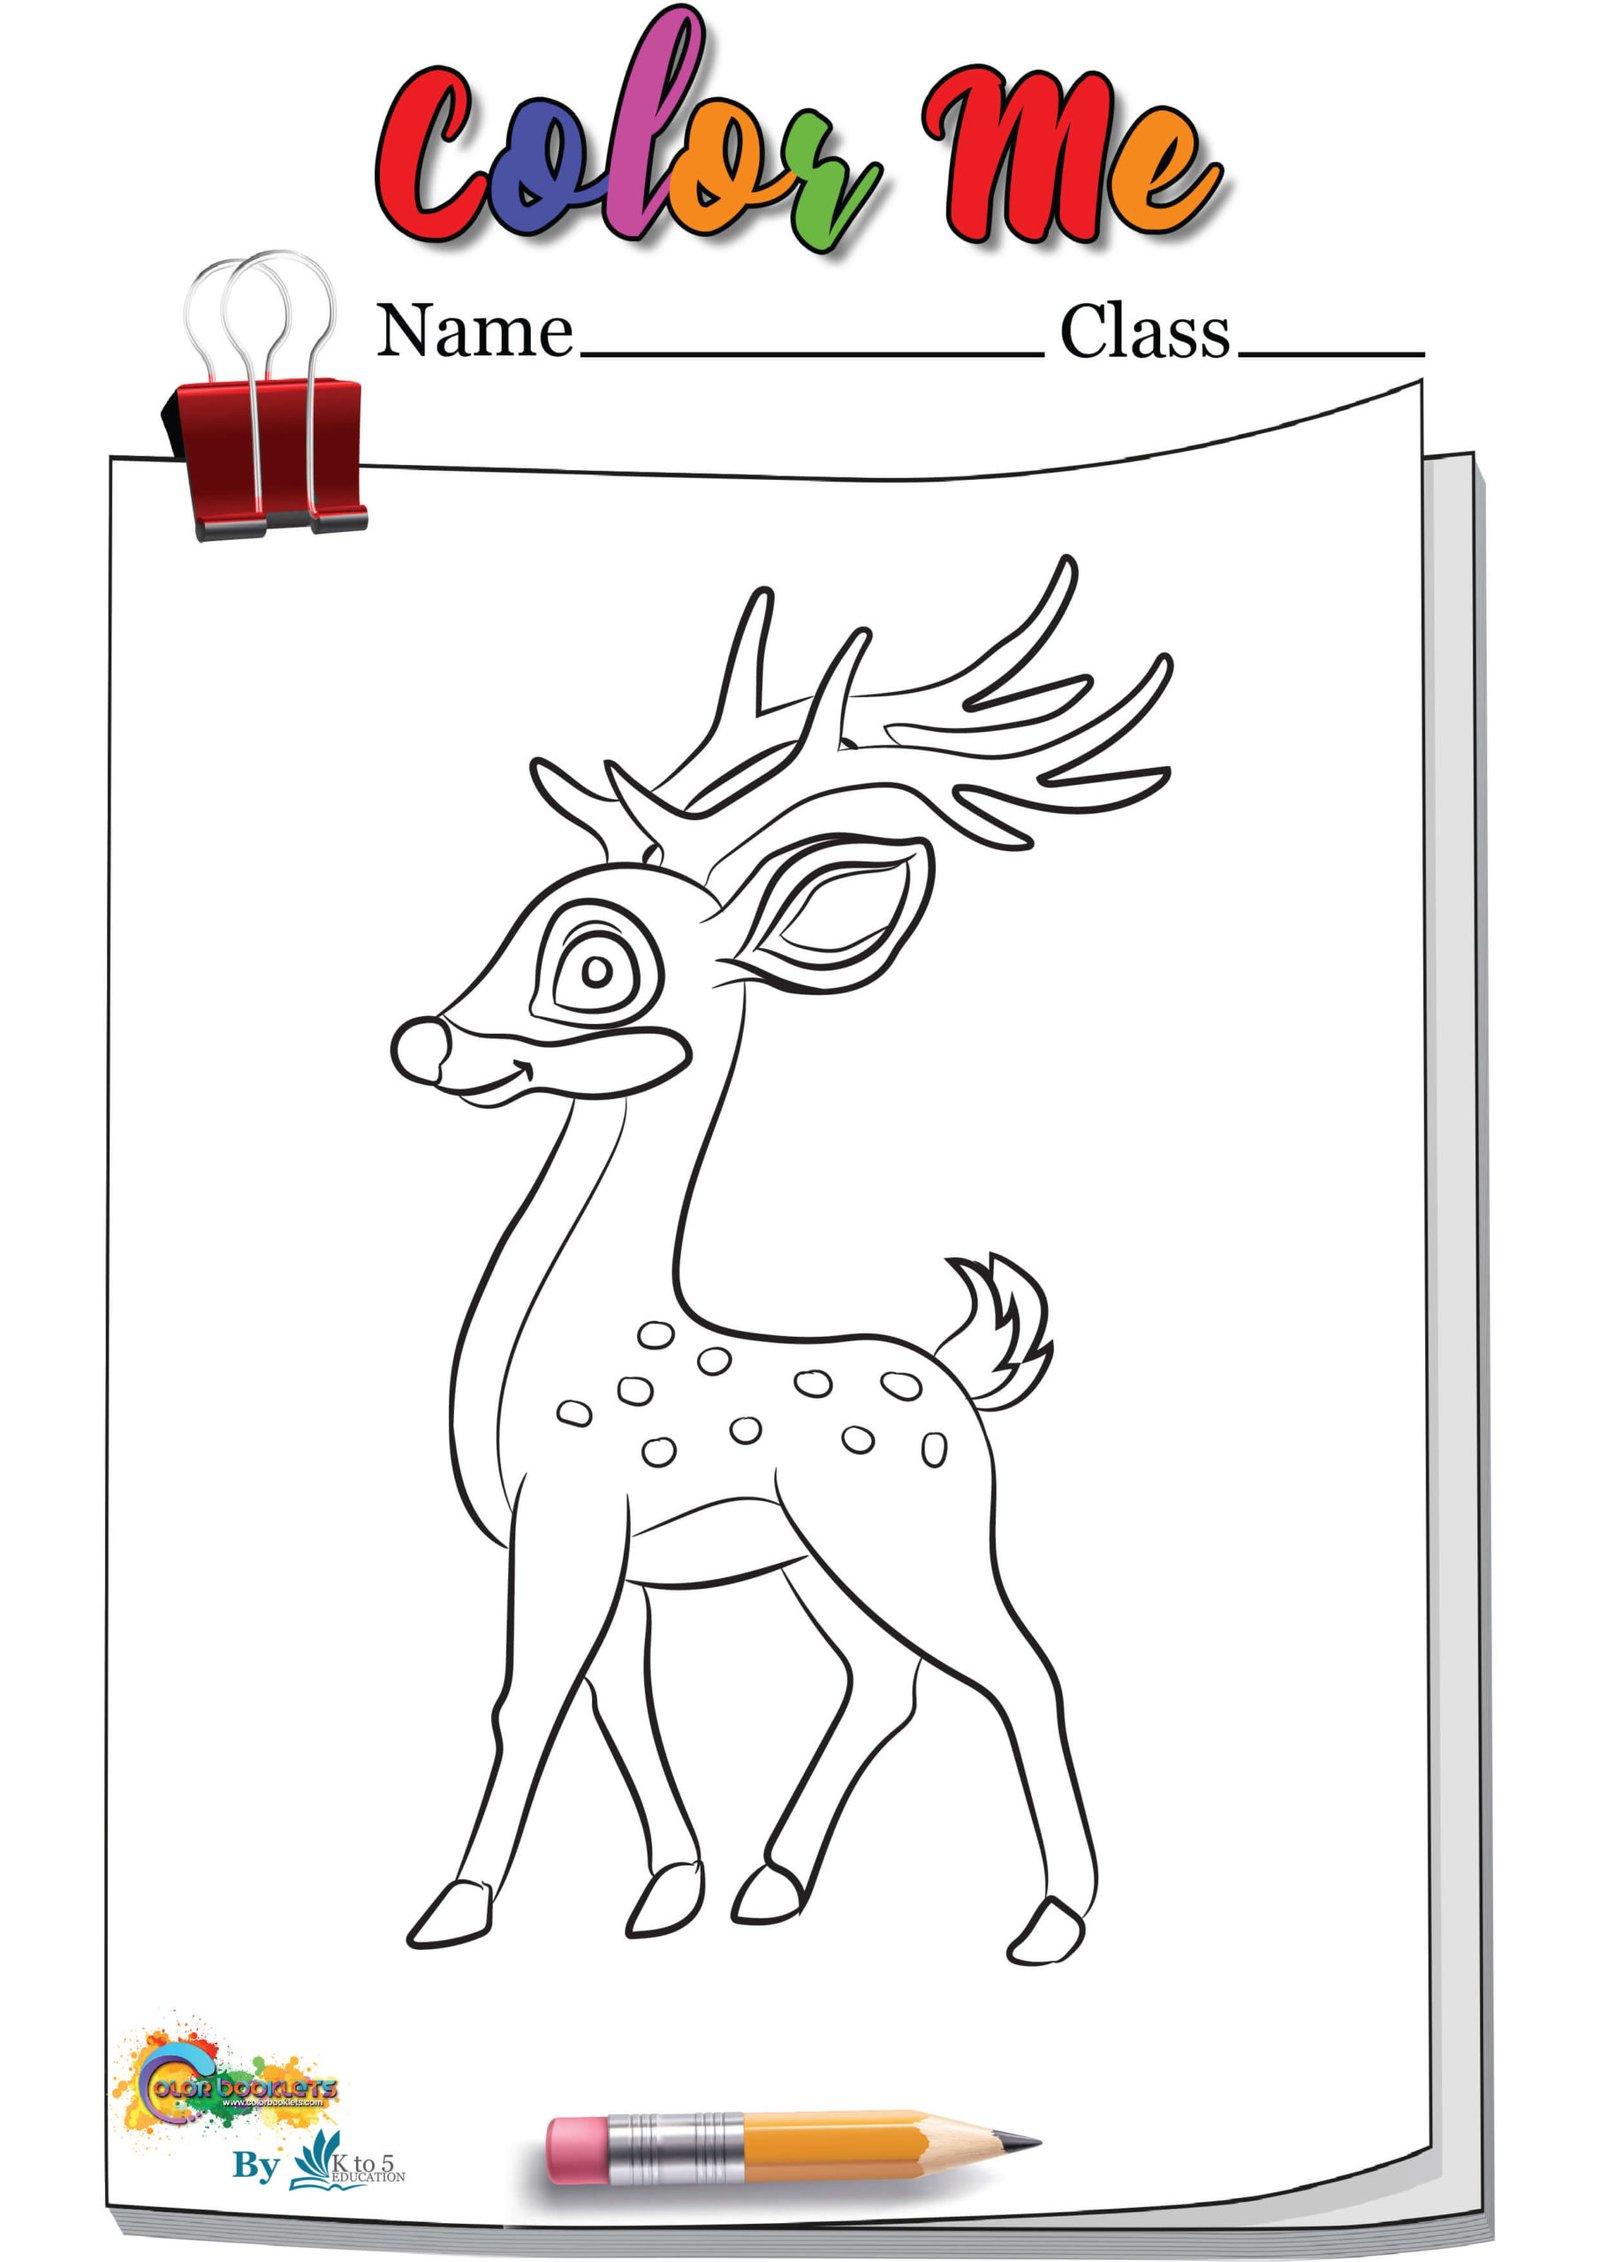 Scouting Deer coloring page worksheet